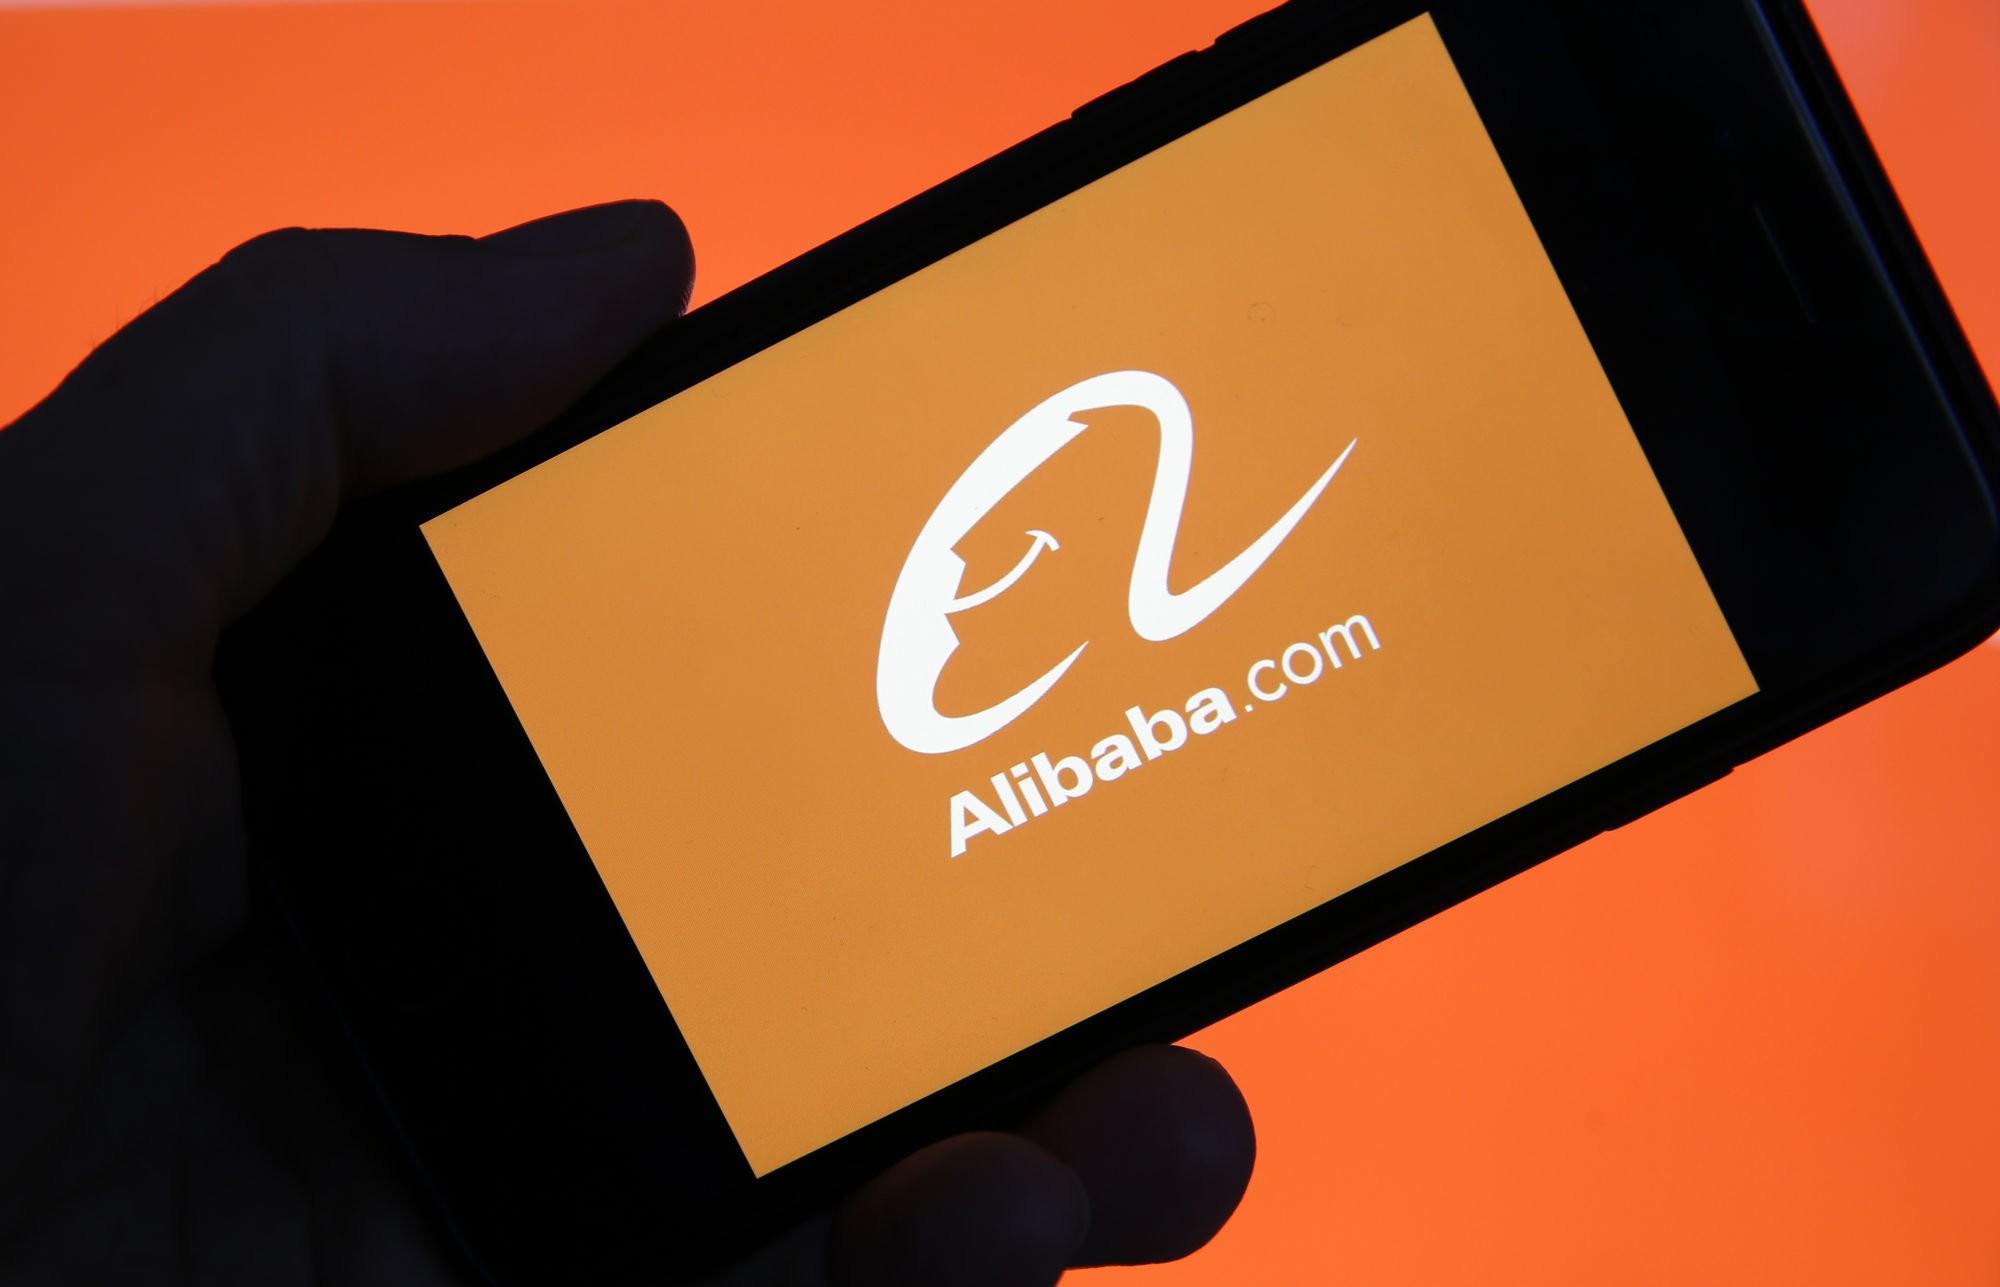 Alibaba yenidən səhmlərini kütləvi tədavülə buraxmağa hazırlaşır